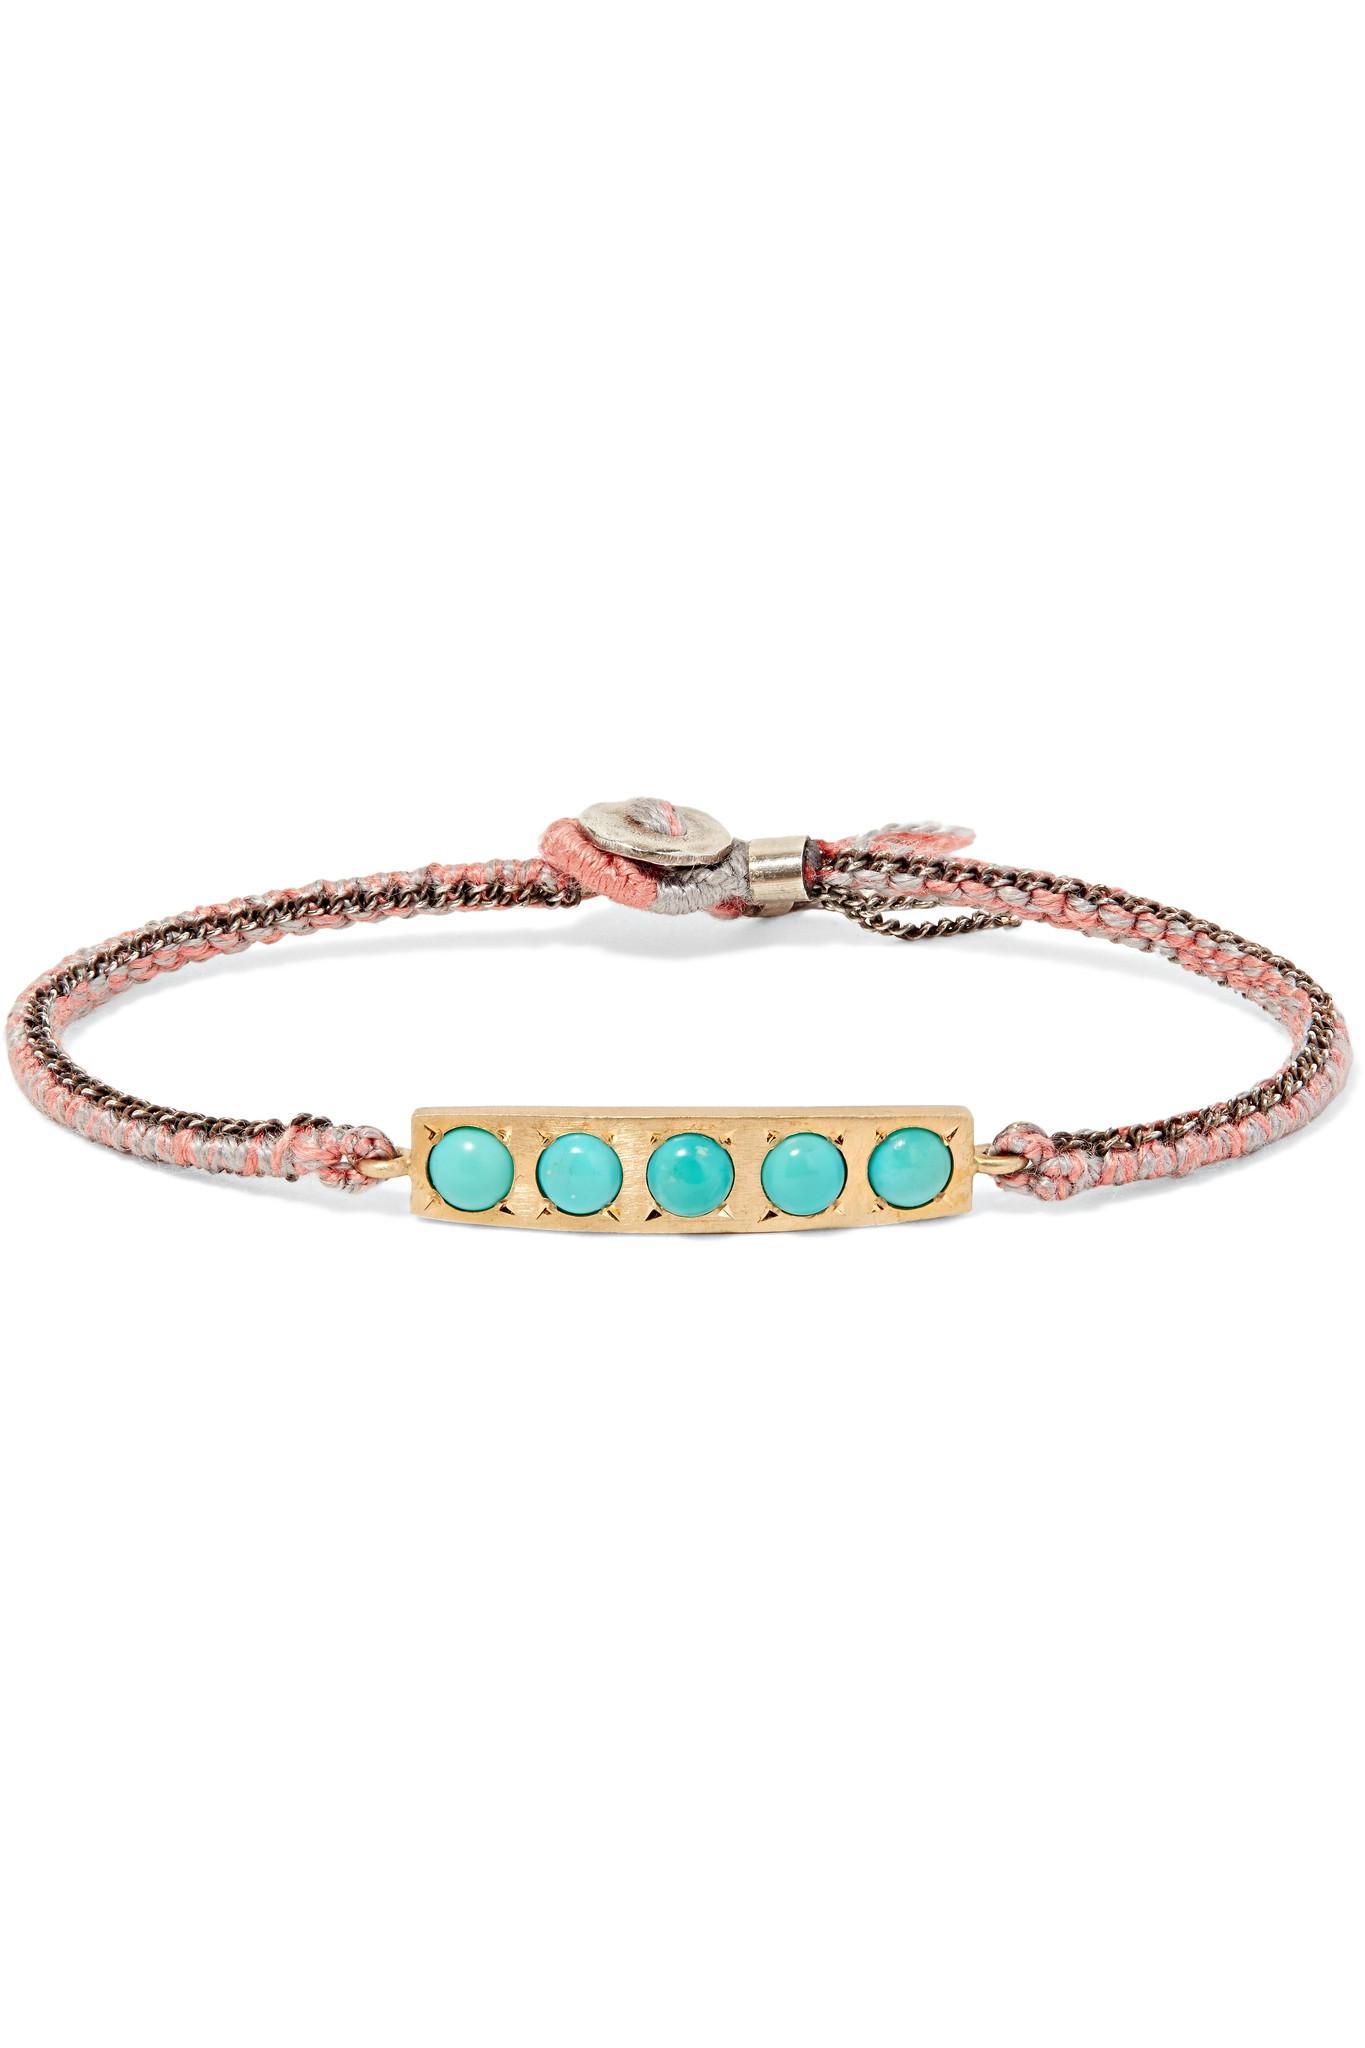 Brooke Gregson 14-karat Gold, Sterling Silver And Turquoise Bracelet - Pink